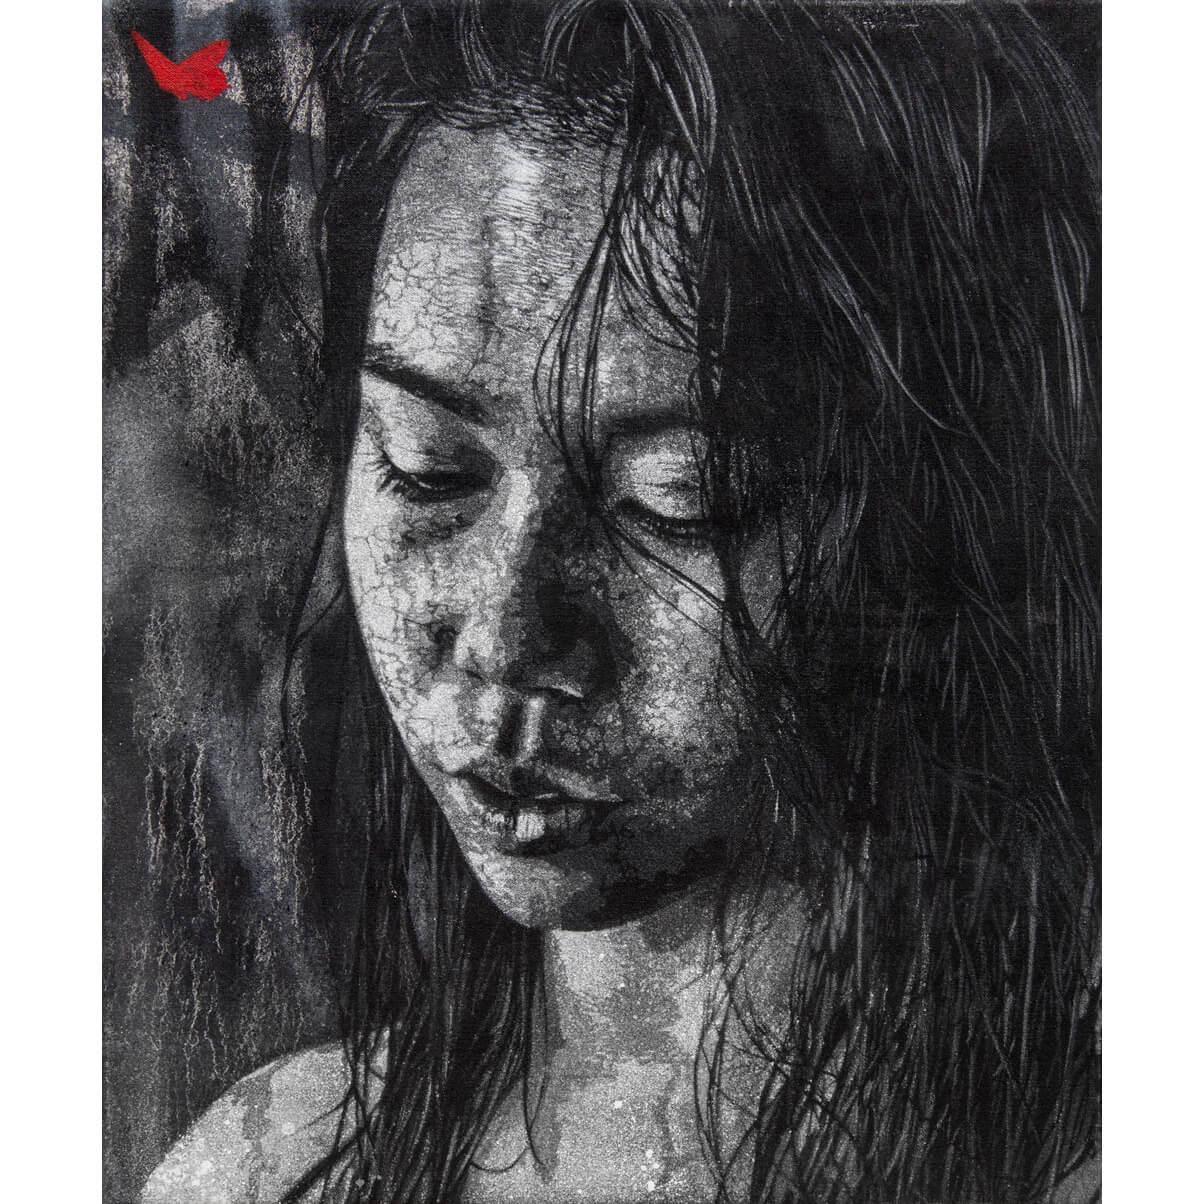 Nils Westergard - Marisa (canvas)